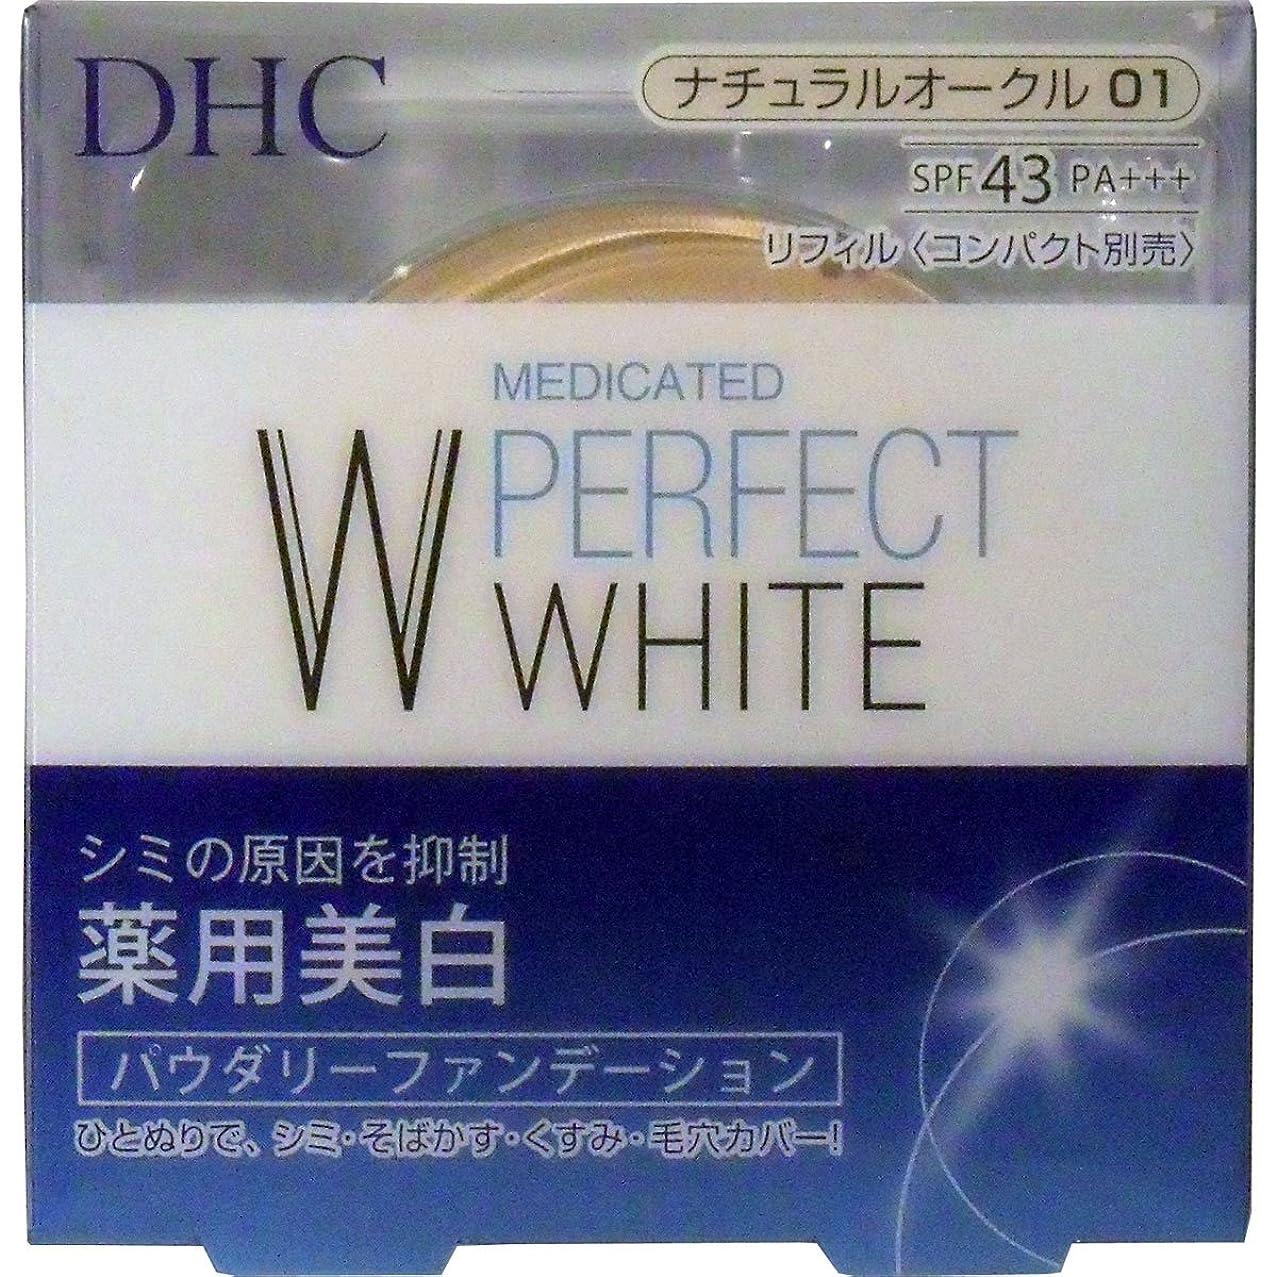 贈り物大陸密接にDHC 薬用美白パーフェクトホワイト つけたての美しい透明感がずっと持続!パウダリーファンデーション ナチュラルオークル01 10g【5個セット】